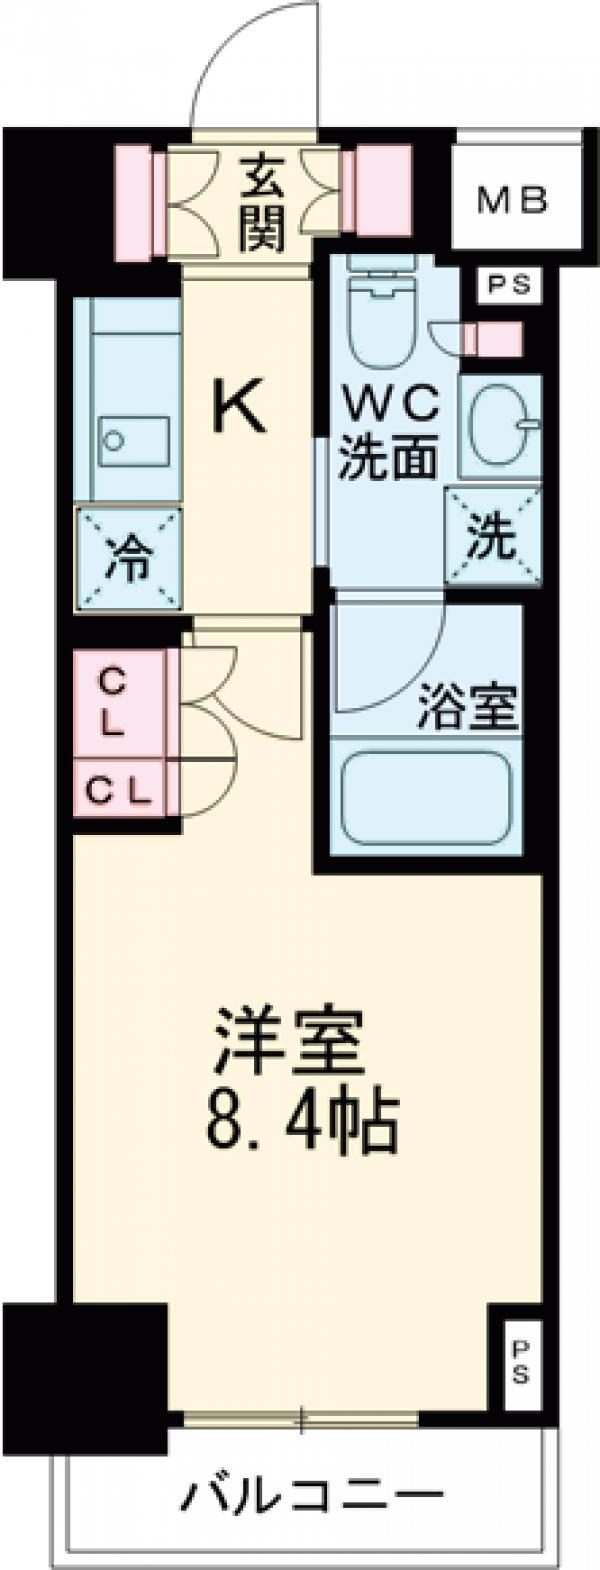 プラウドフラット西早稲田・1004号室の間取り